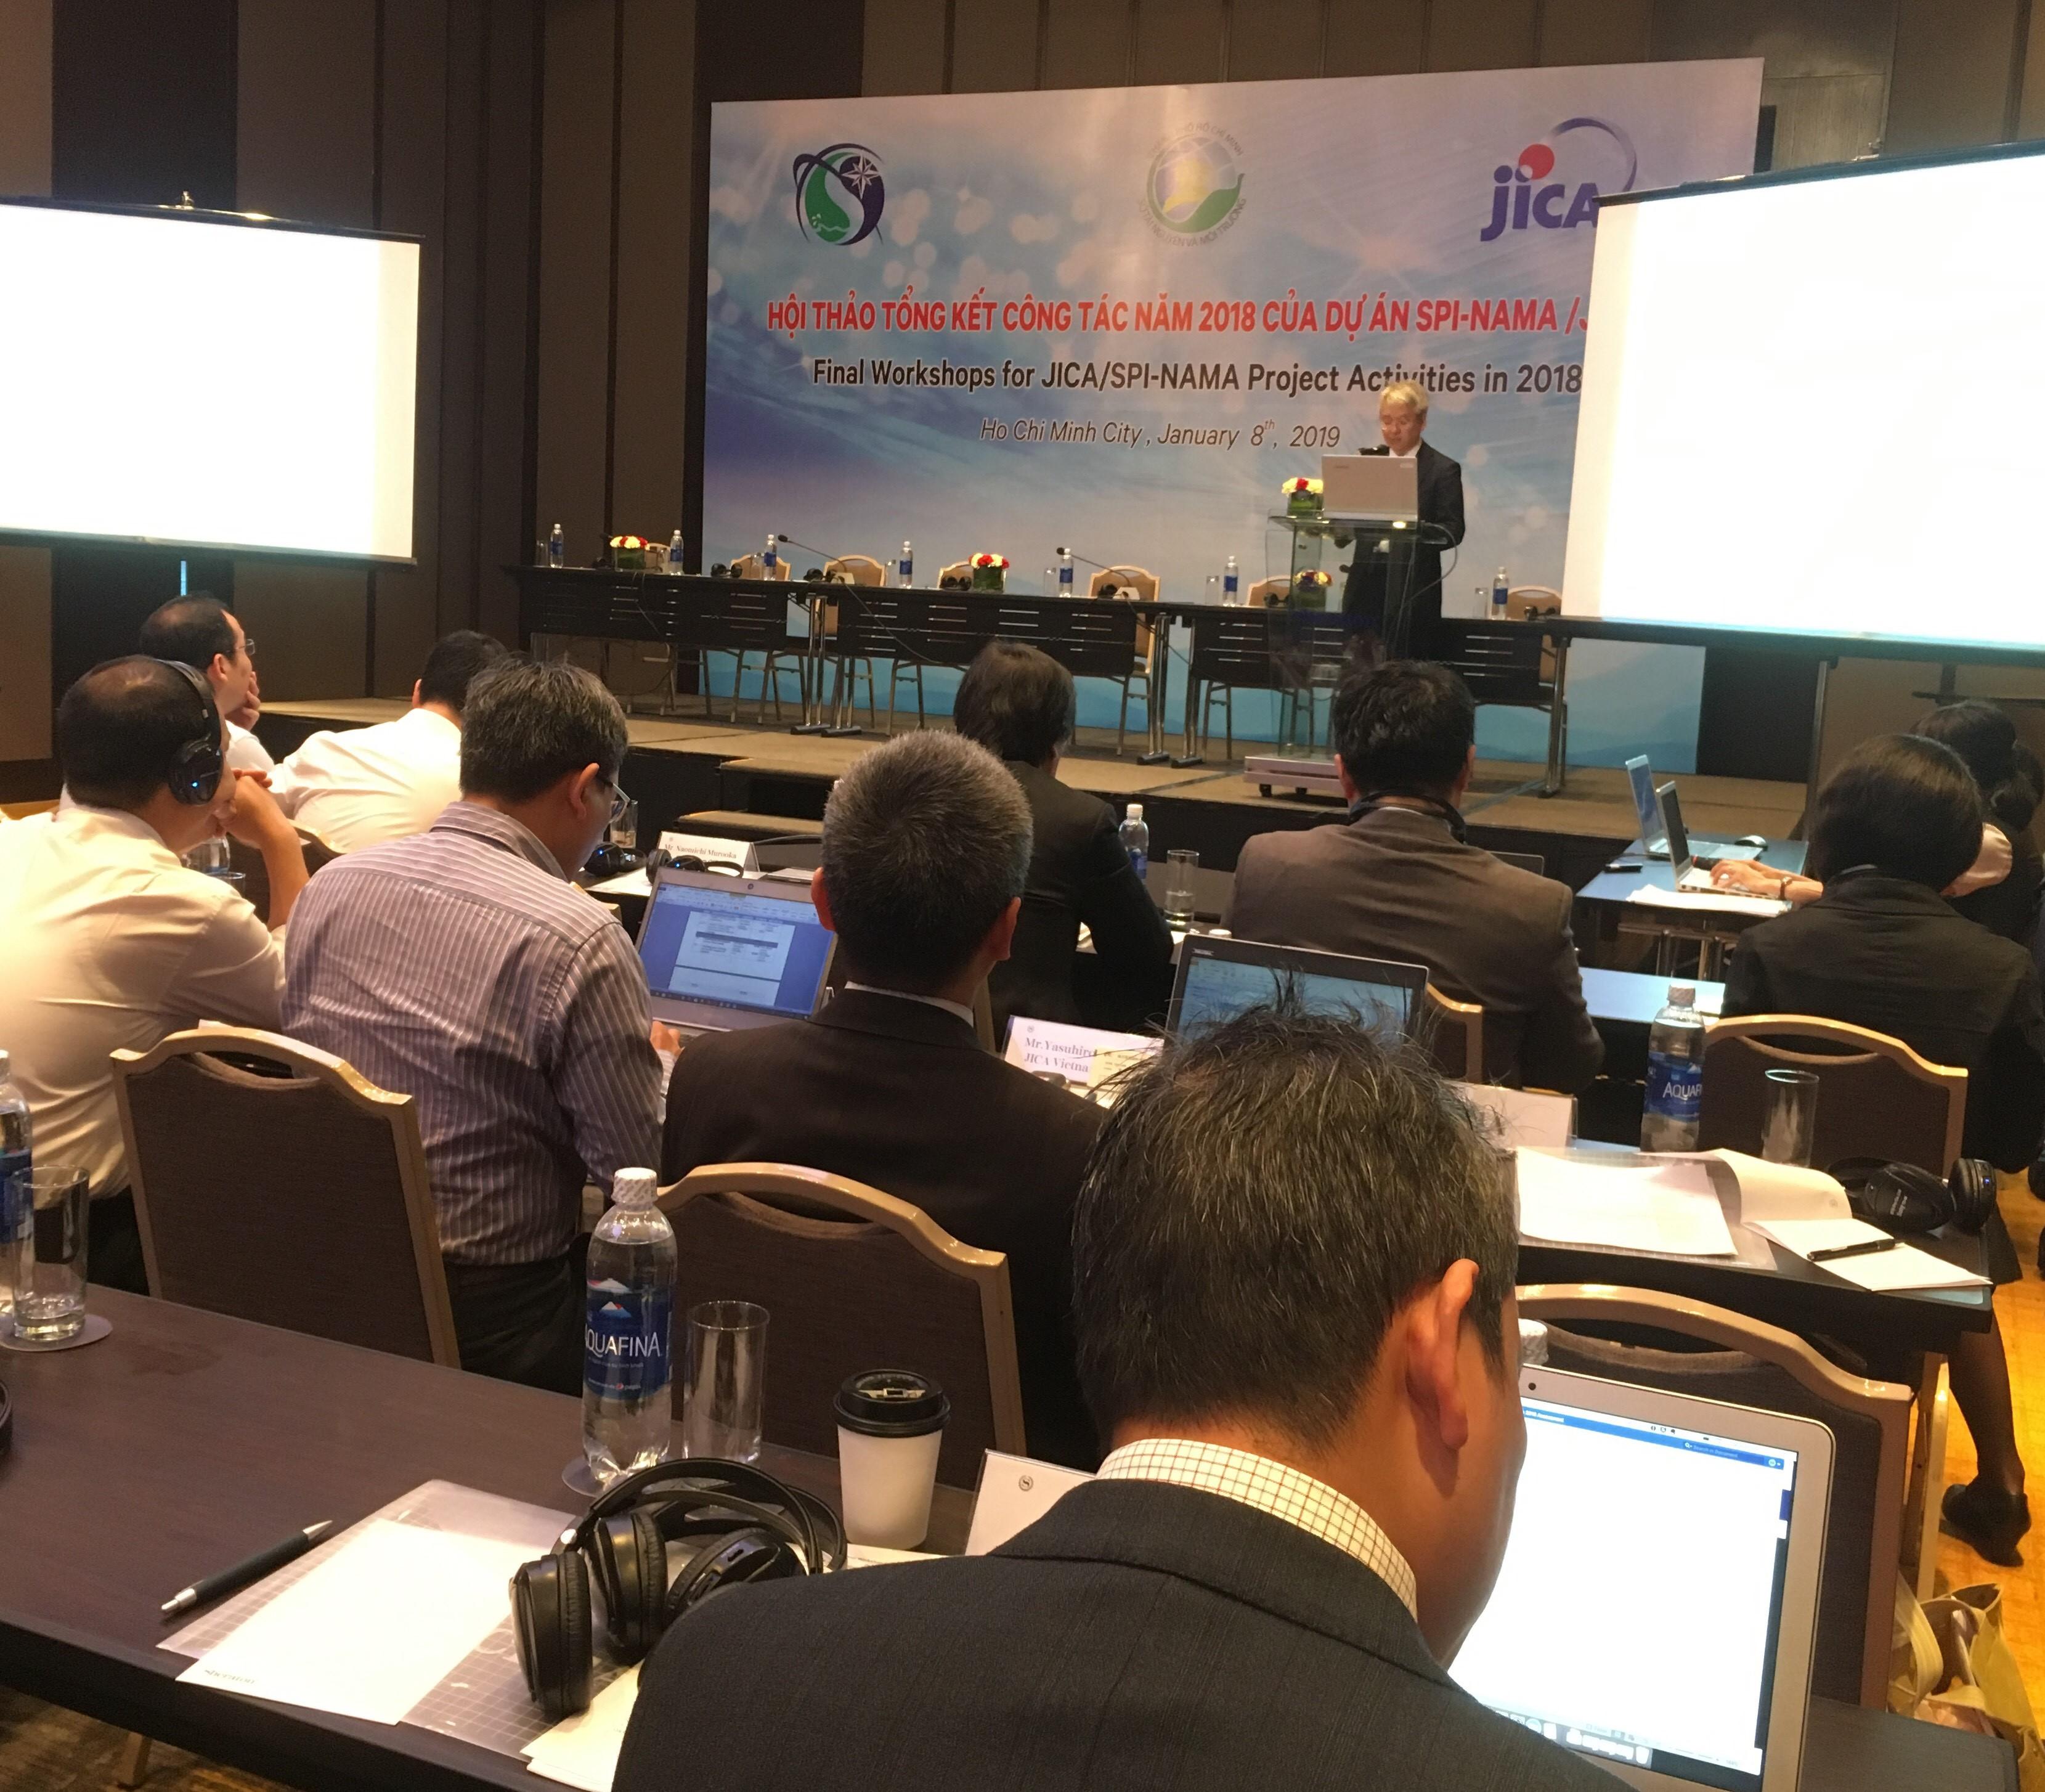 Nhật Bản hỗ trợ thành phố Hồ Chí Minh ứng phó với biến đổi khí hậu